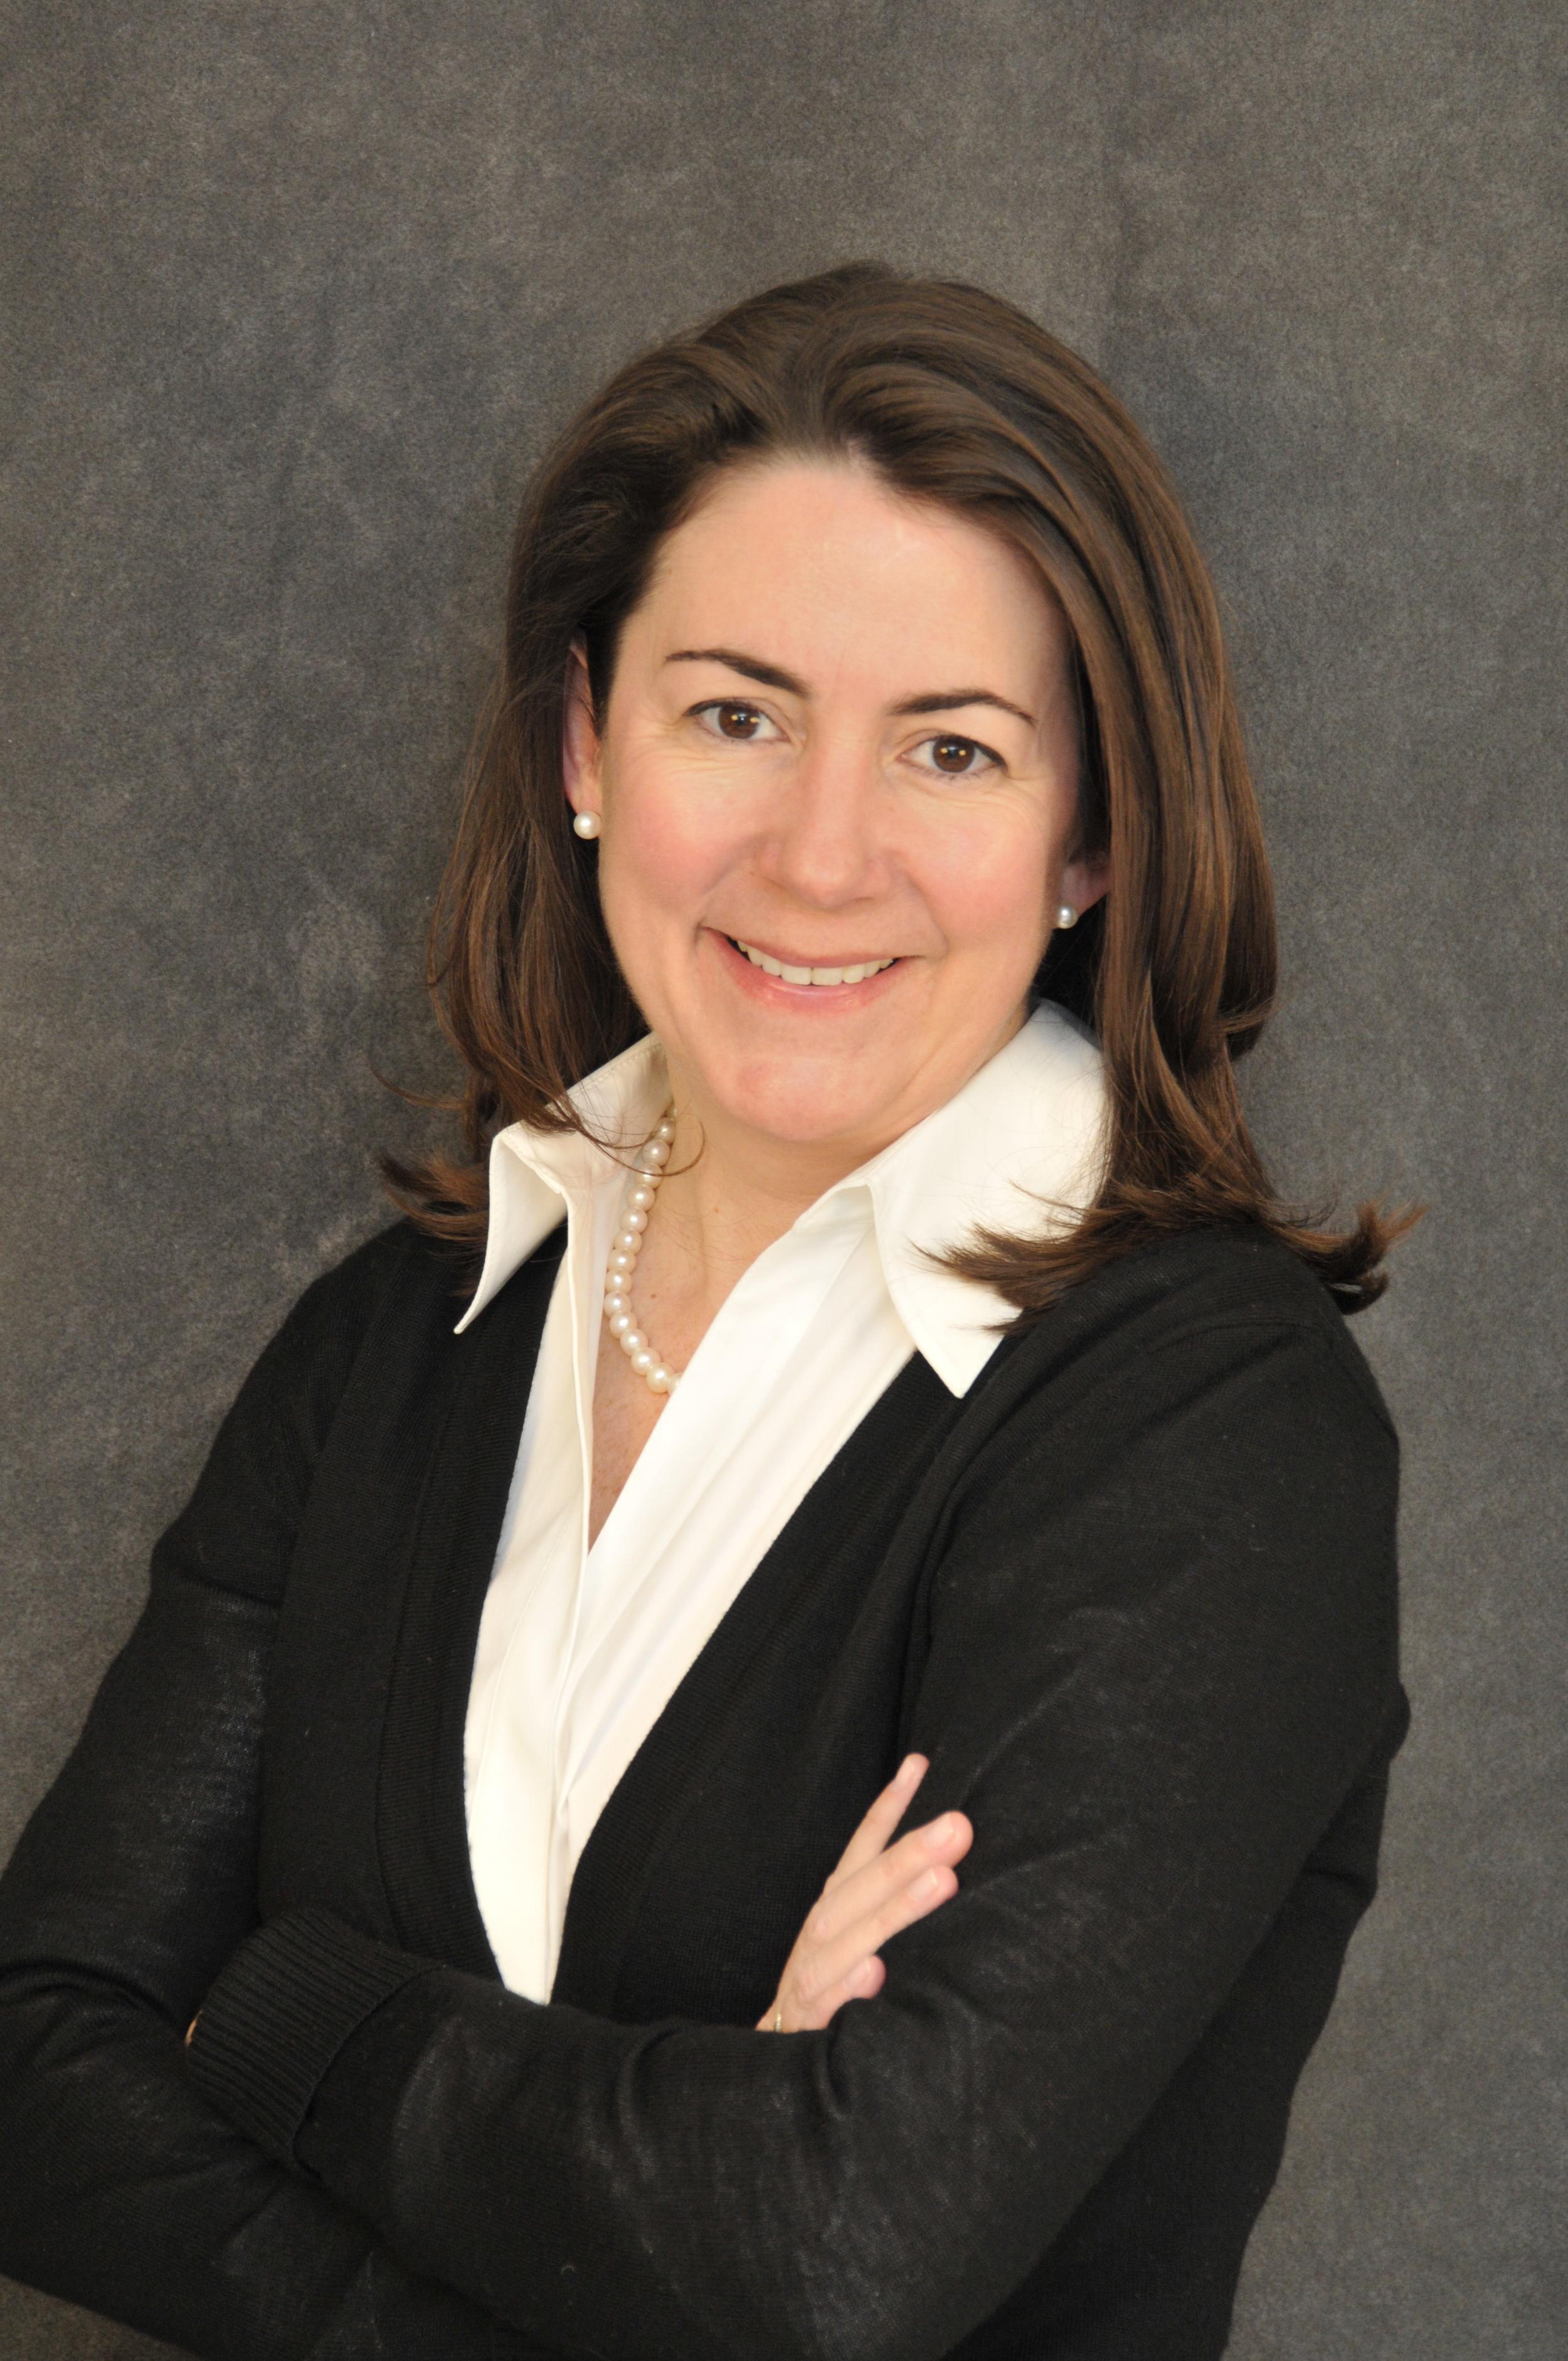 Executive Producer, Mary Kate Cary